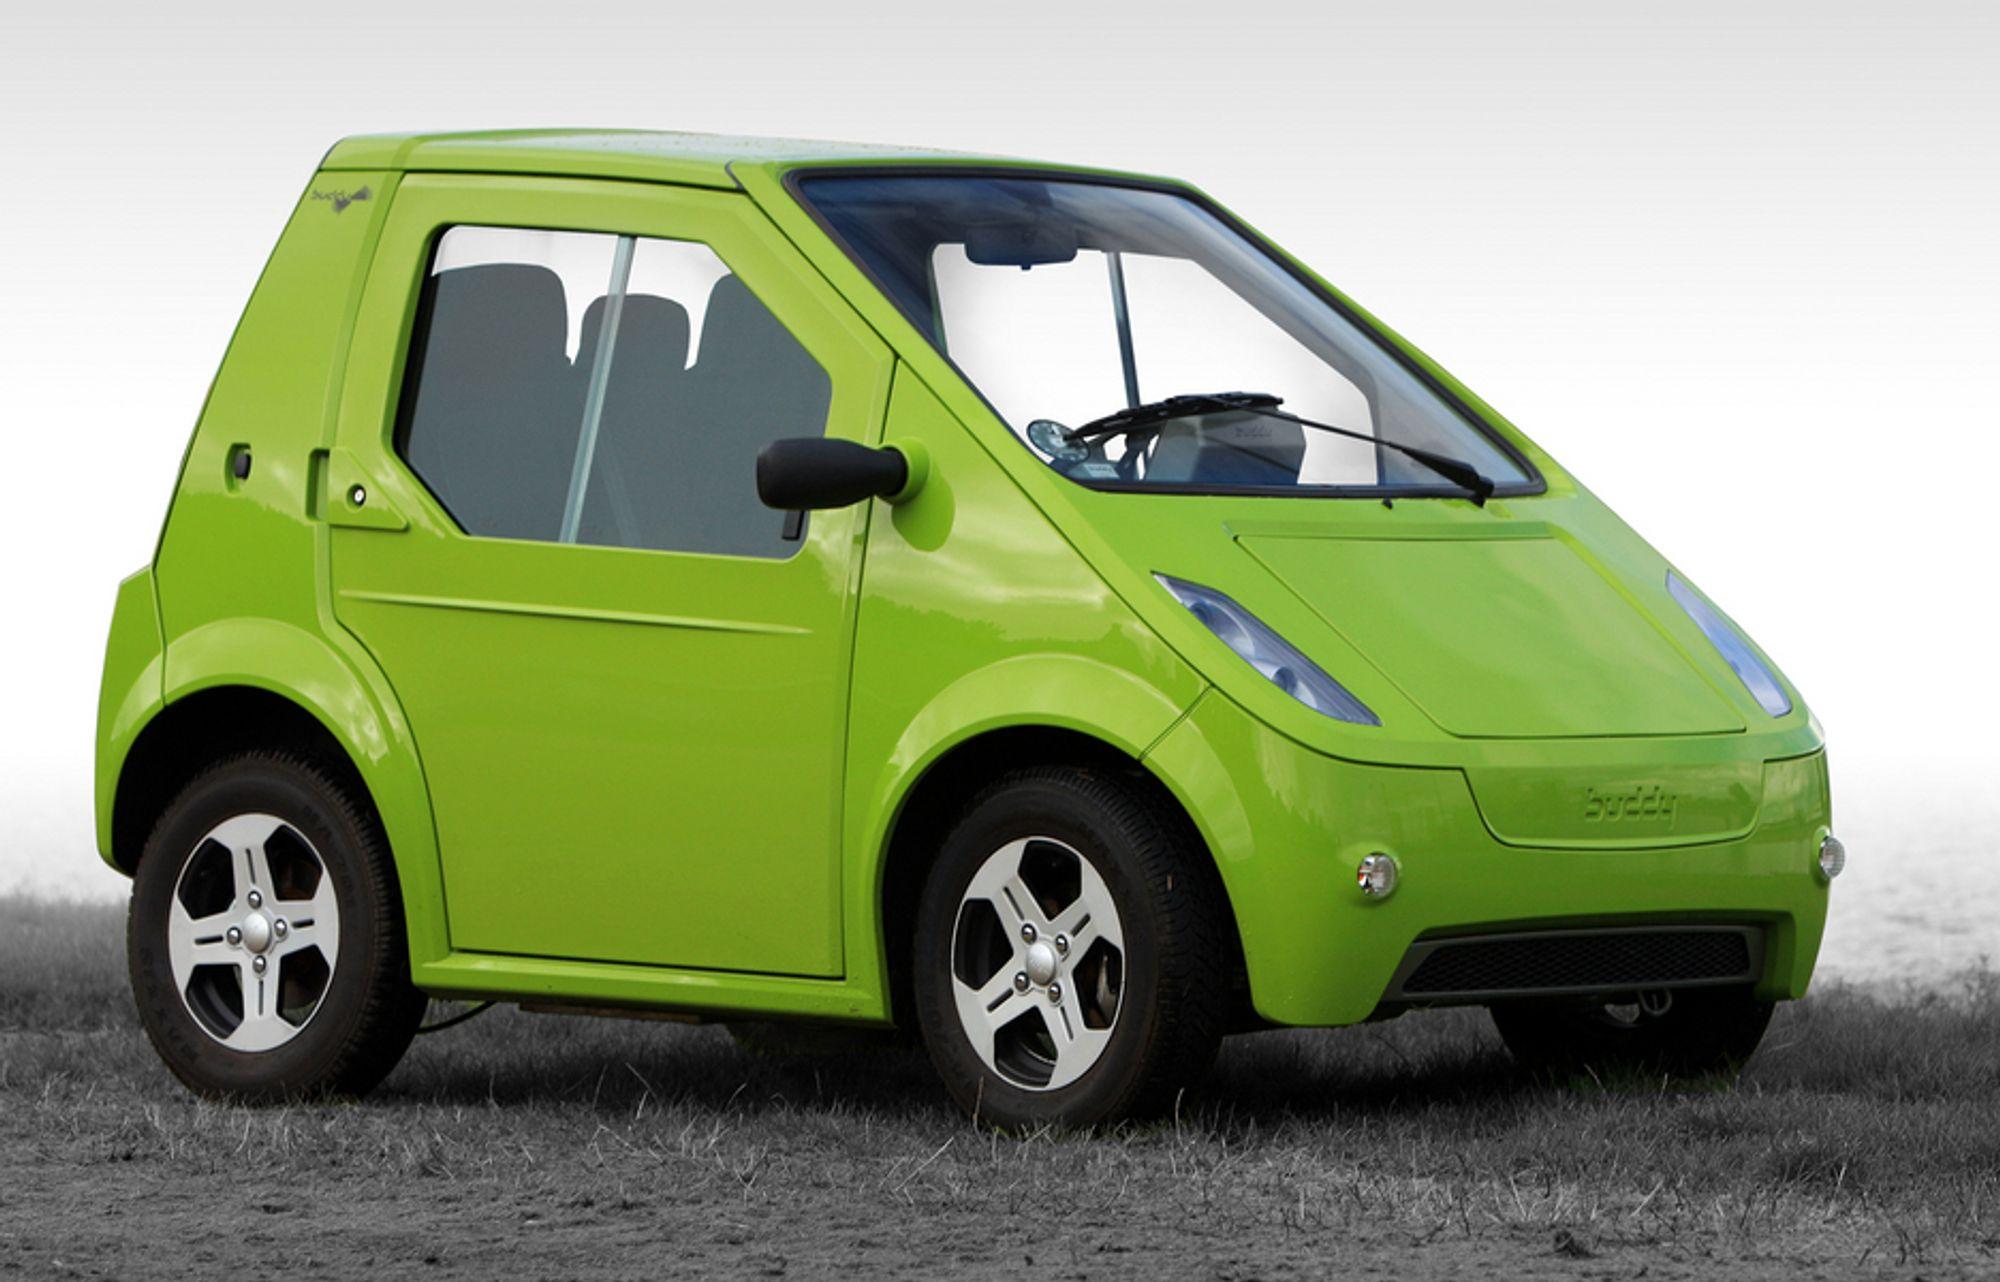 NY SJANSE? Buddys opprinnelige gründer, Jan Petter Skram, skal ha stått i spissen for å sikre videre norsk eierskap av den lille elbilen.